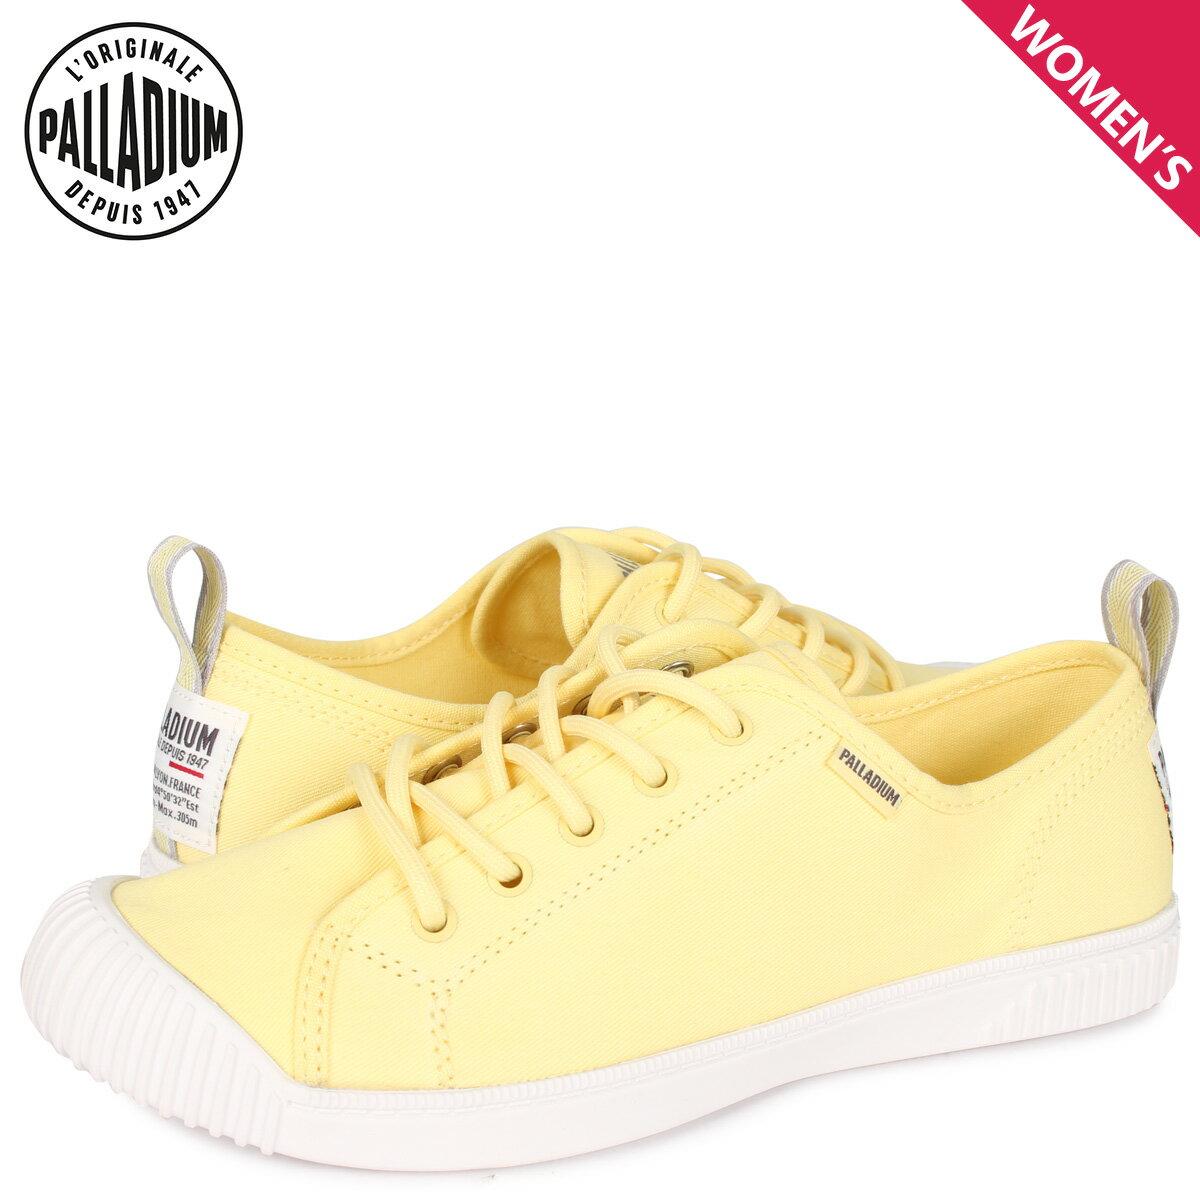 レディース靴, スニーカー 1000OFF PALLADIUM EASY LACE 96661